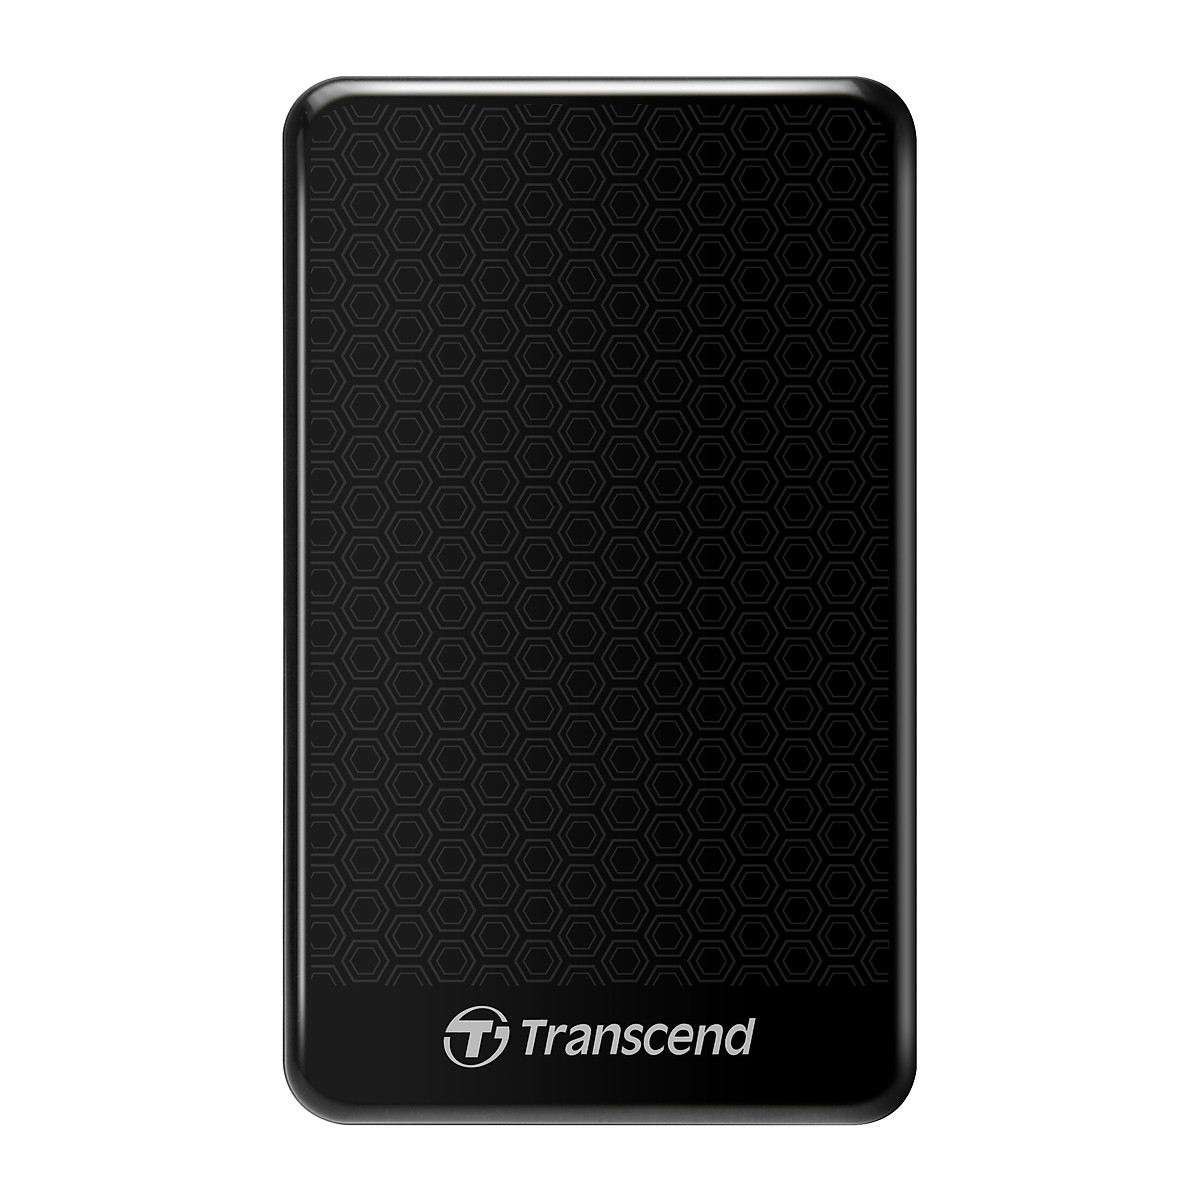 Ổ Cứng Di Động Transcend StoreJet 25A3 2TB USB 3.1 – Hàng Chính Hãng